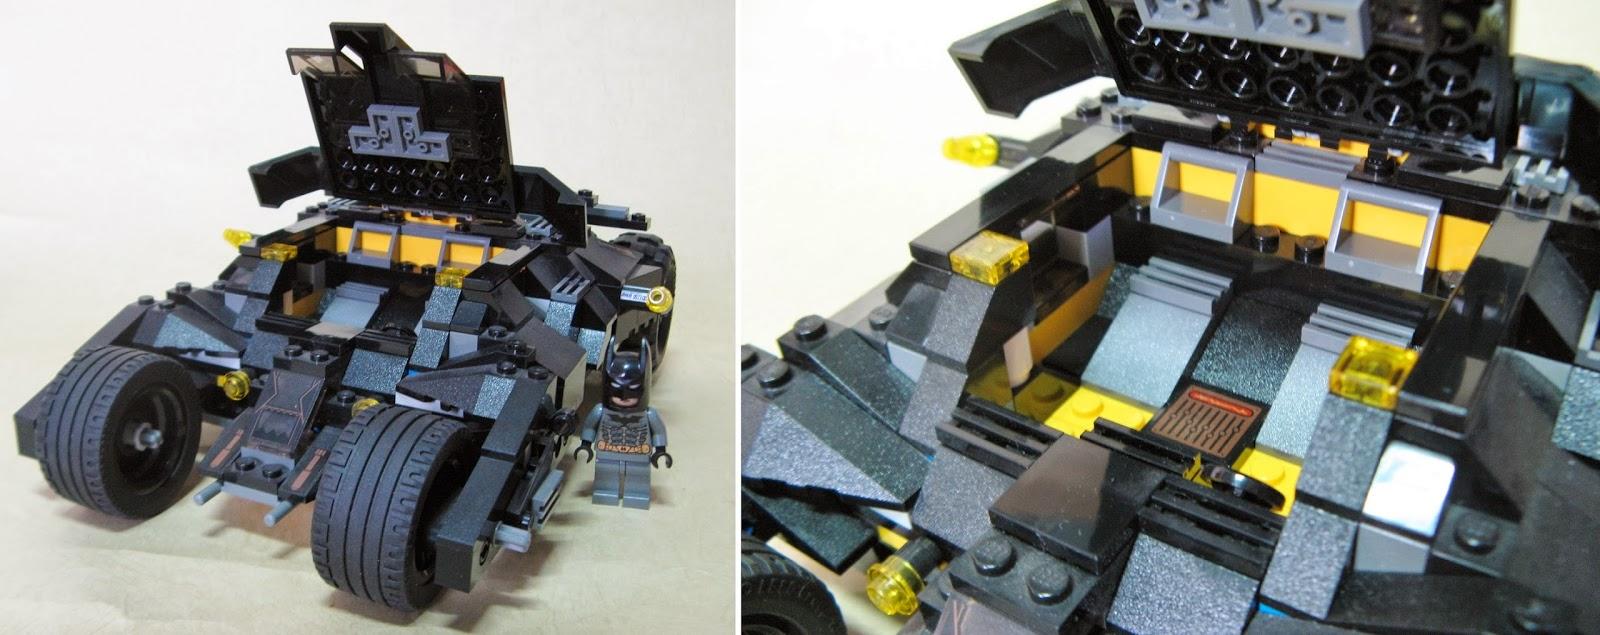 lego car show by bloks 7888 bat man bat mobile. Black Bedroom Furniture Sets. Home Design Ideas